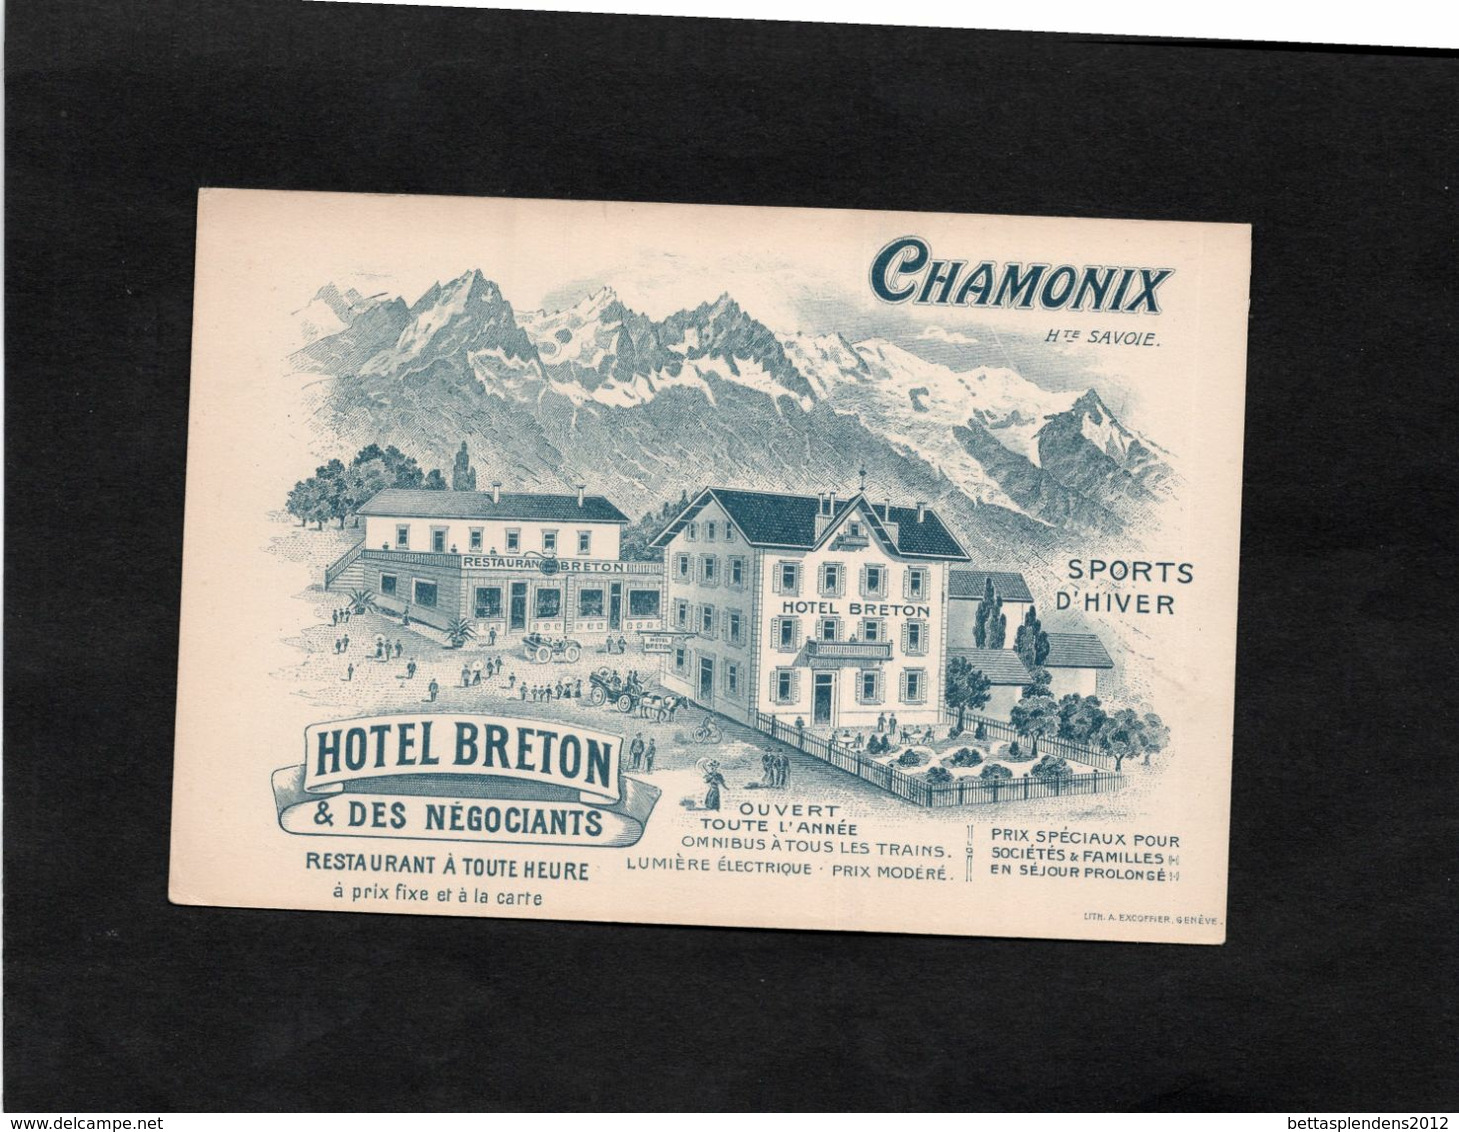 Carte Publicitaire Illustrée - CHAMONIX - HOTEL BRETON & DES NEGOCIANTS - SPORTS D'HIVER - Chamonix-Mont-Blanc